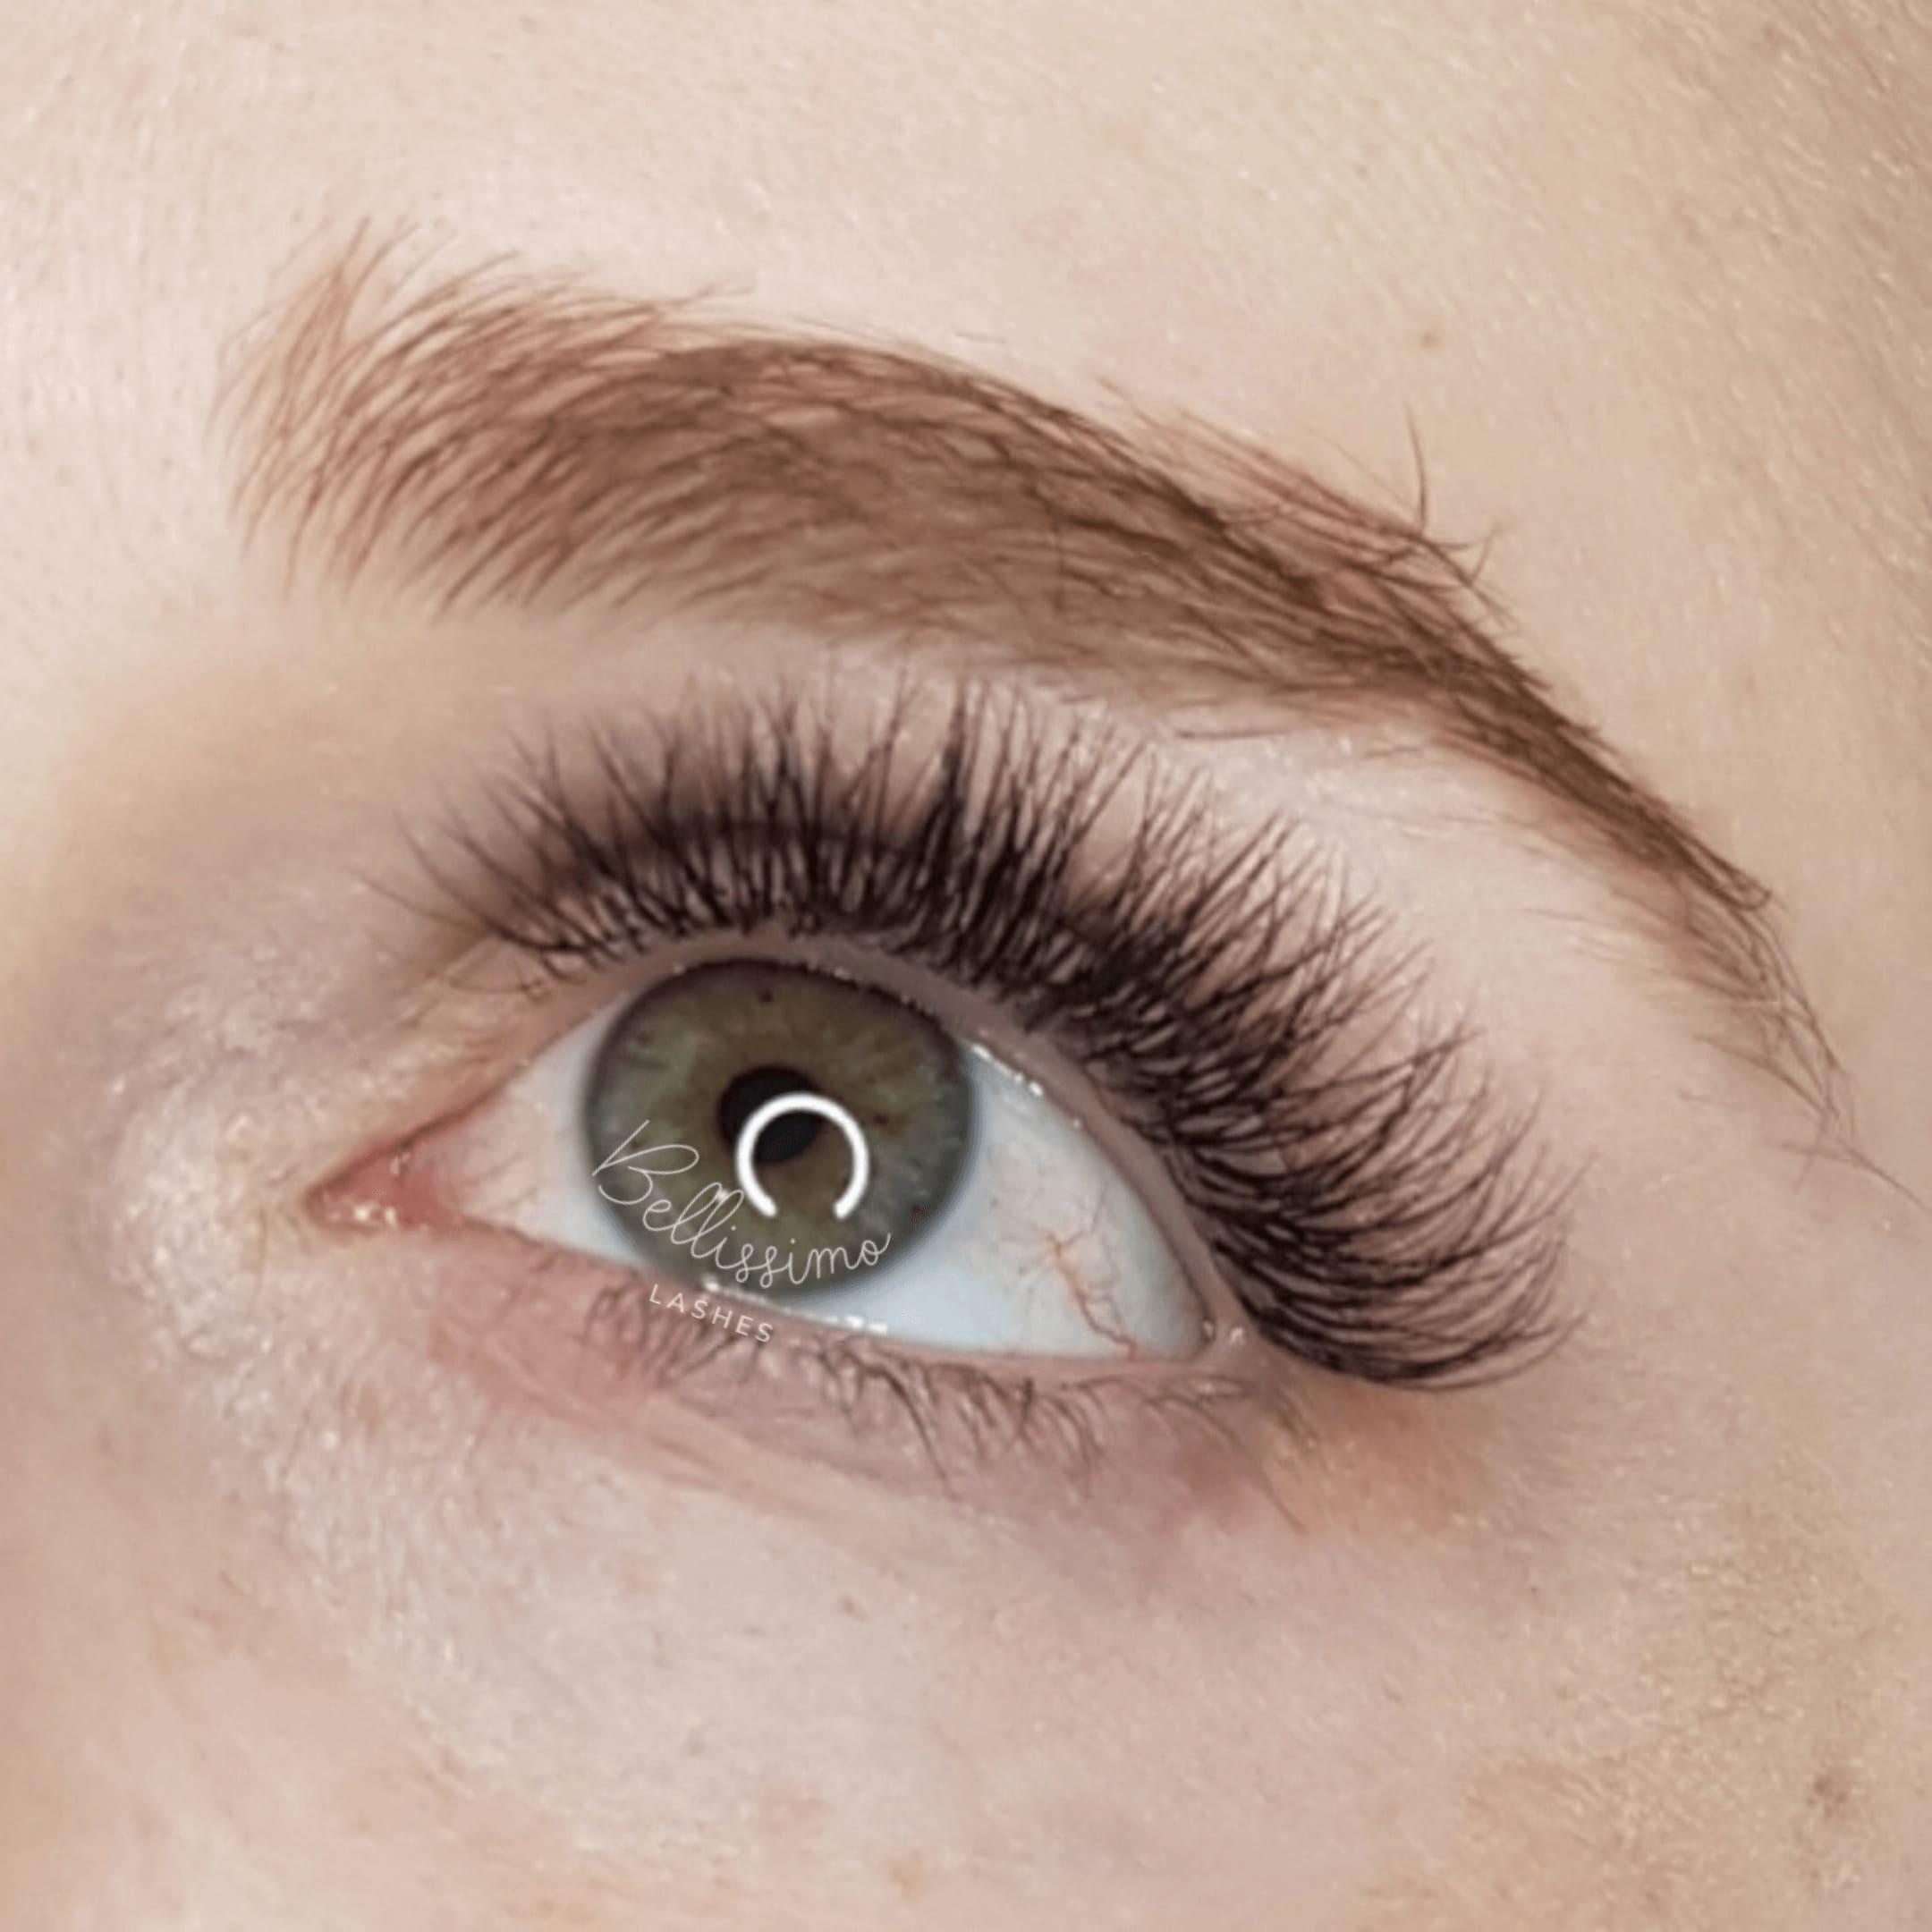 Hybrid Eyelash Extensions Brisbane